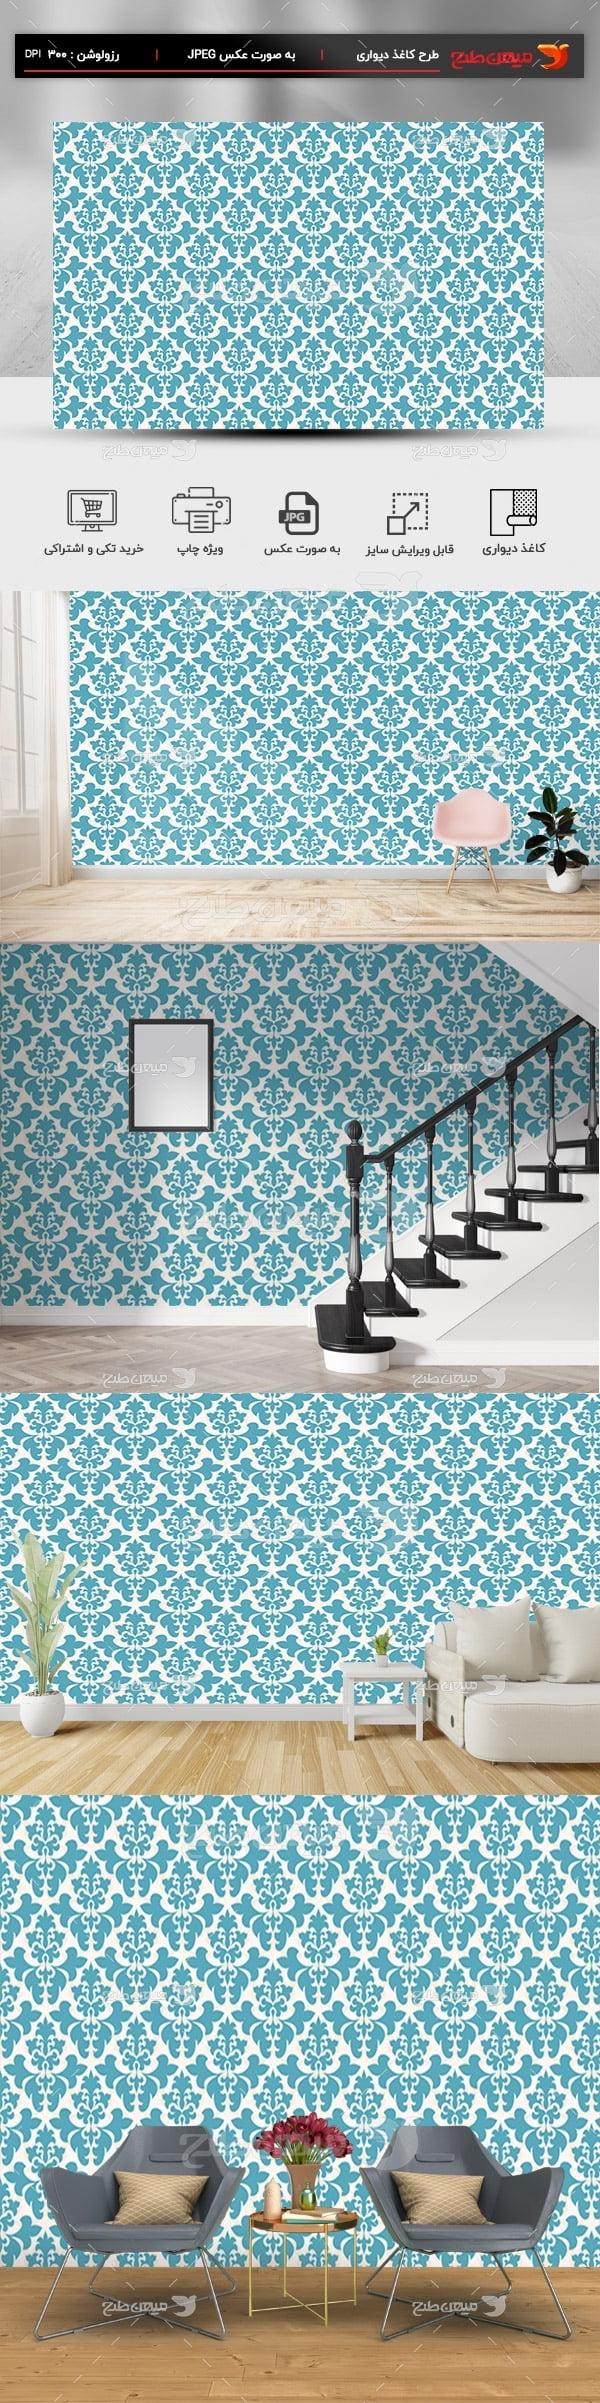 پوستر کاغذ دیواری ساده مدل بک گراند سبز آبی